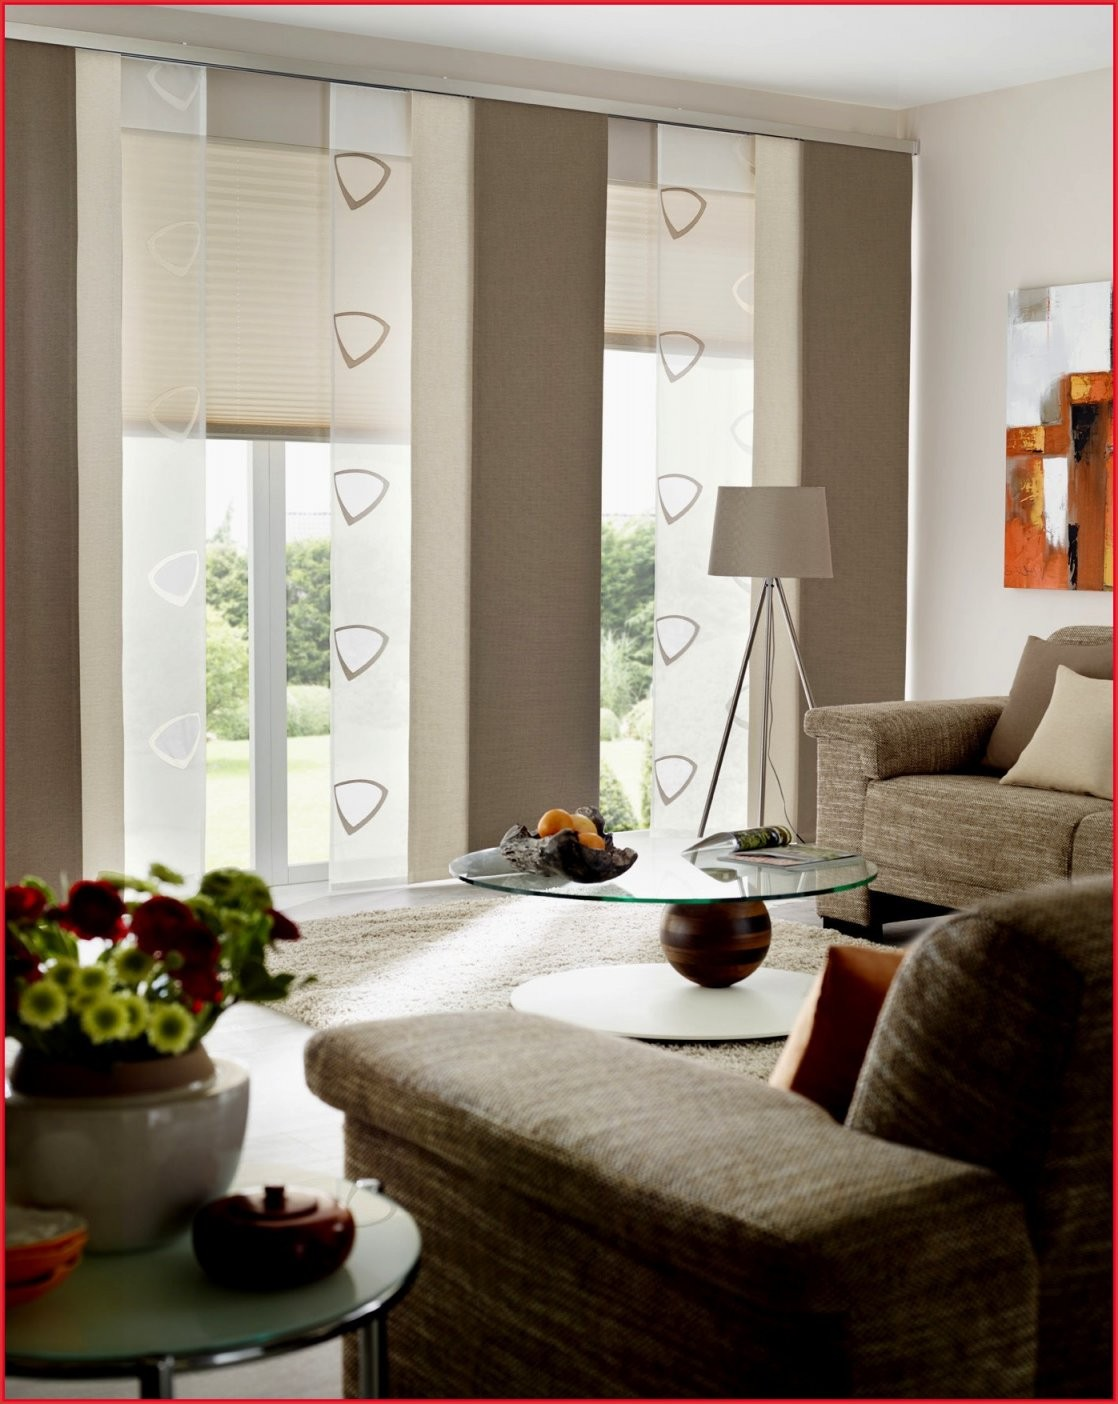 Gardinen Modelle Für Wohnzimmer Genial Ideen Für Gardinen Gardinen von Gardinen Ideen Für Große Fenster Bild